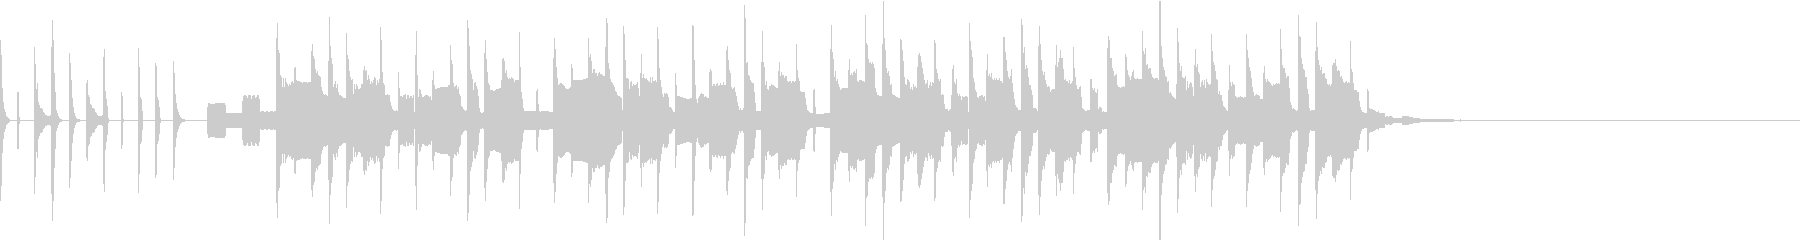 かわいい シンセテクノポップ ジングル1の未再生の波形